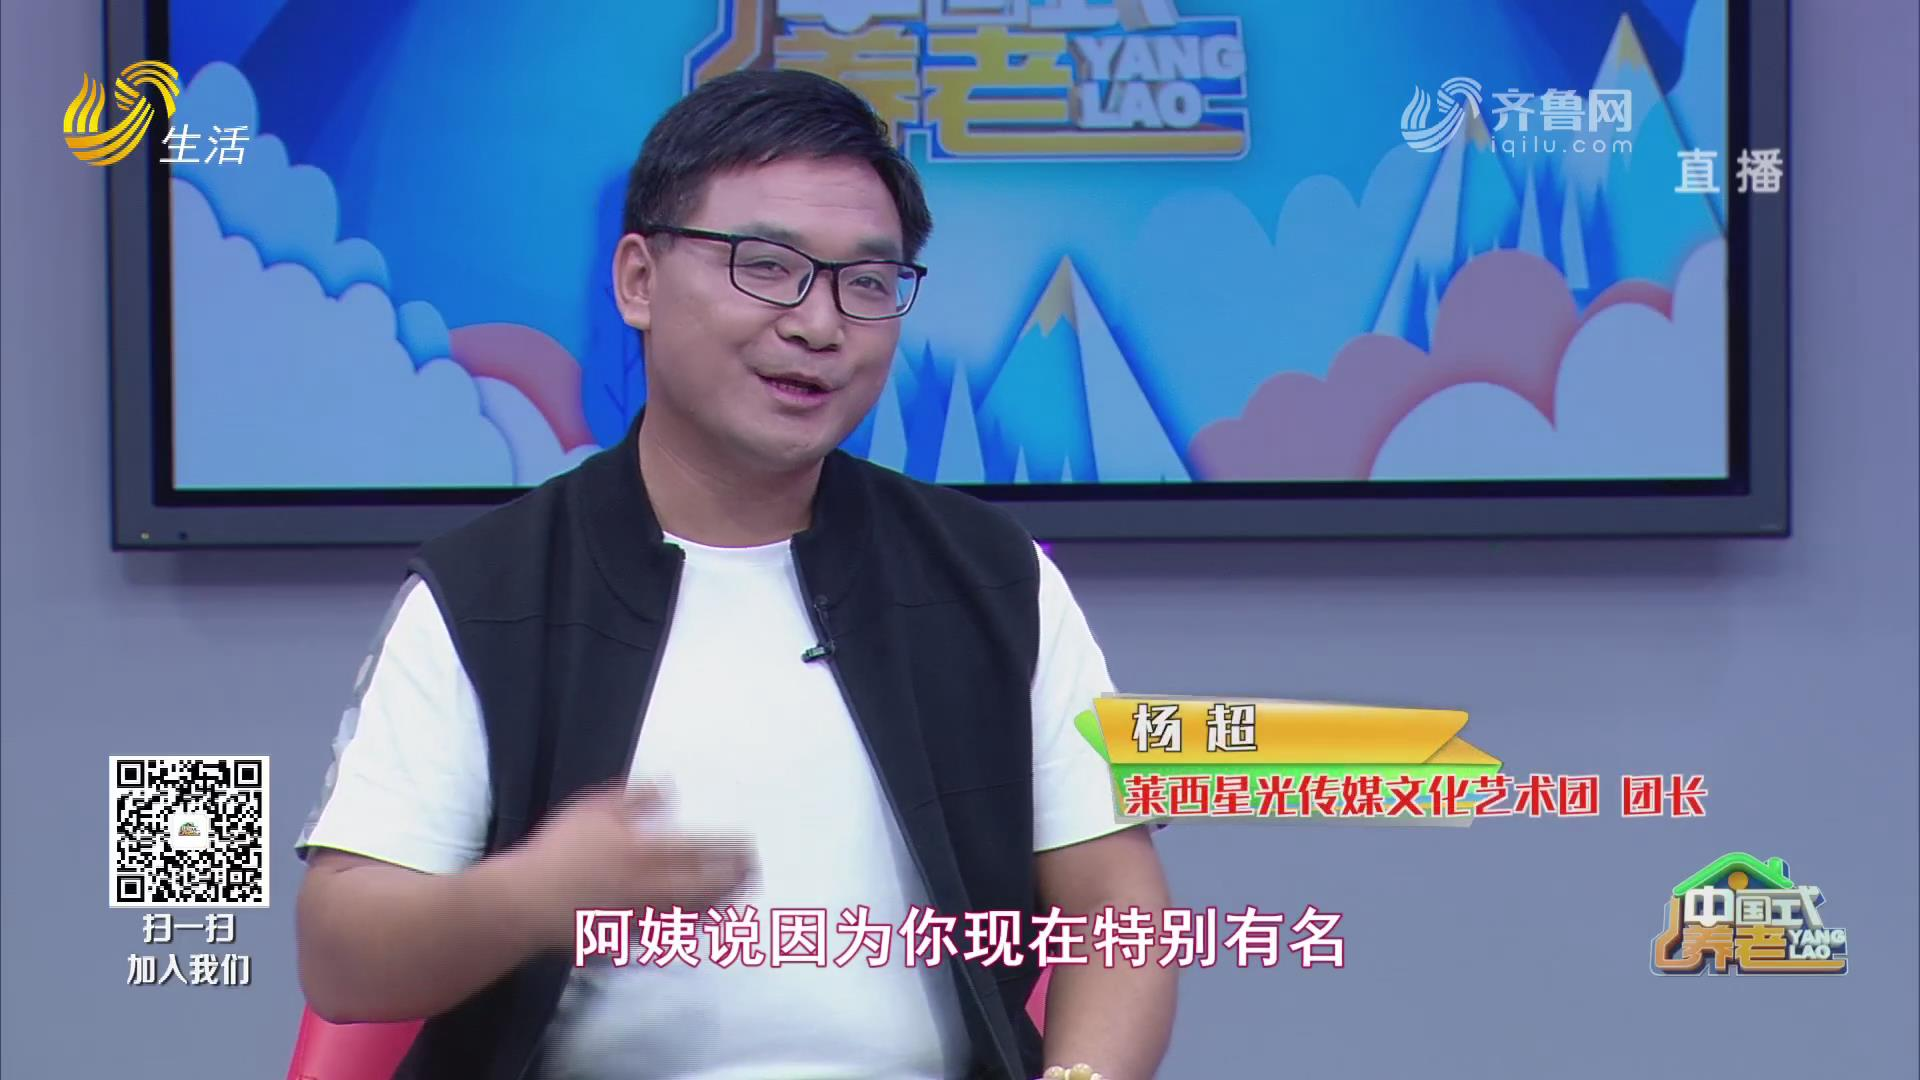 中国式养老-莱西星光传媒文化艺术团团长——杨超